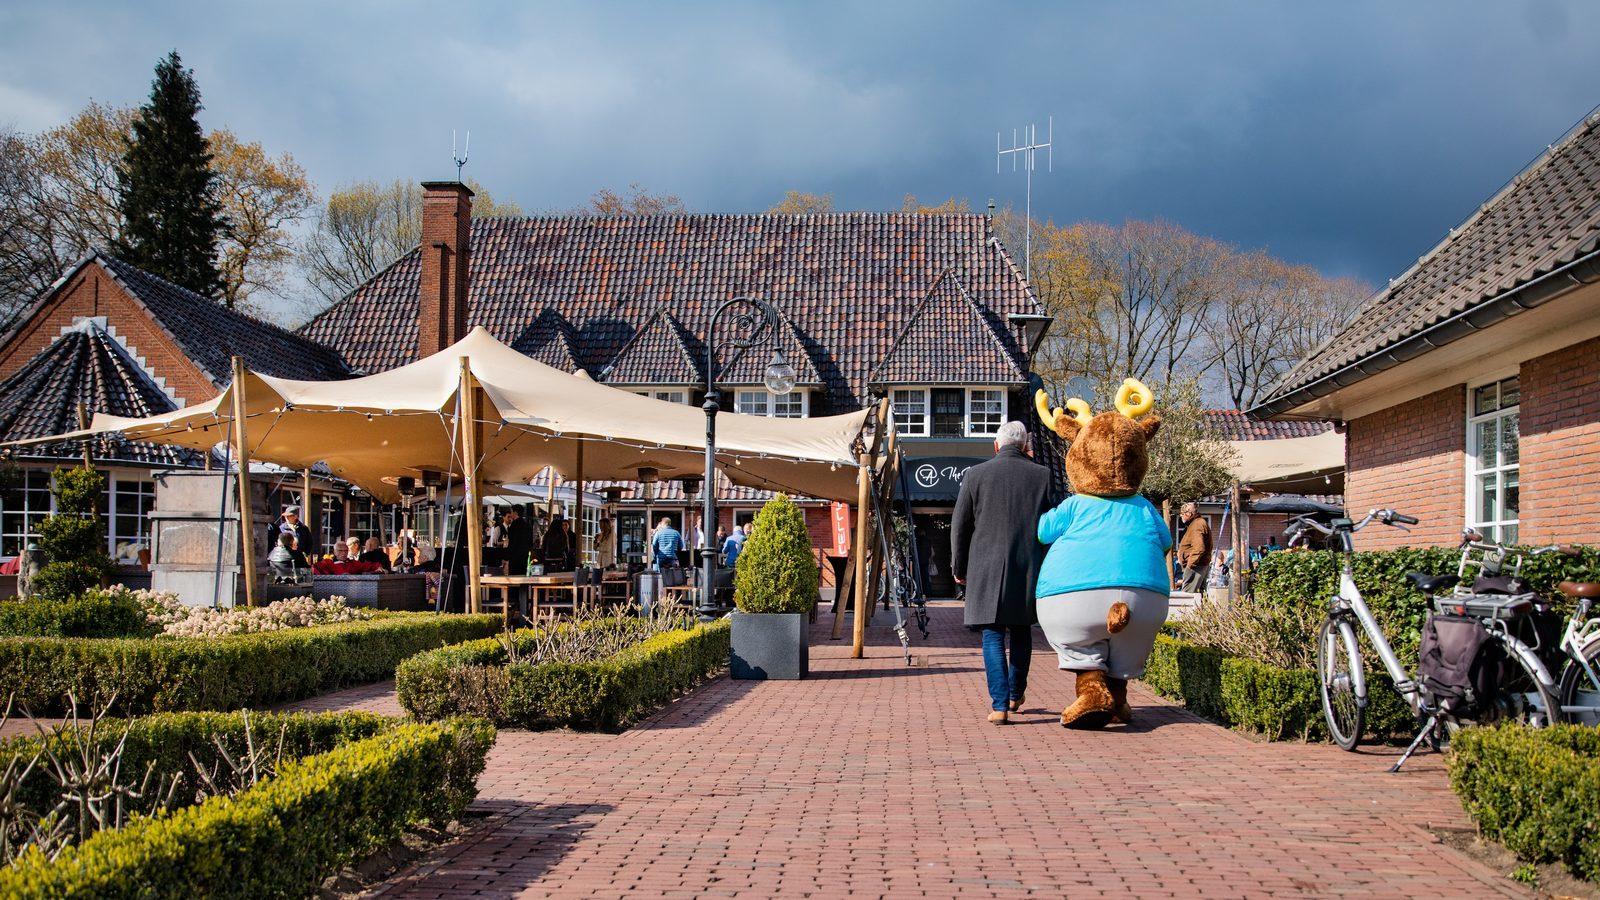 Le restaurant @thePark Asia a ouvert ses portes au Landgoed de Scheleberg